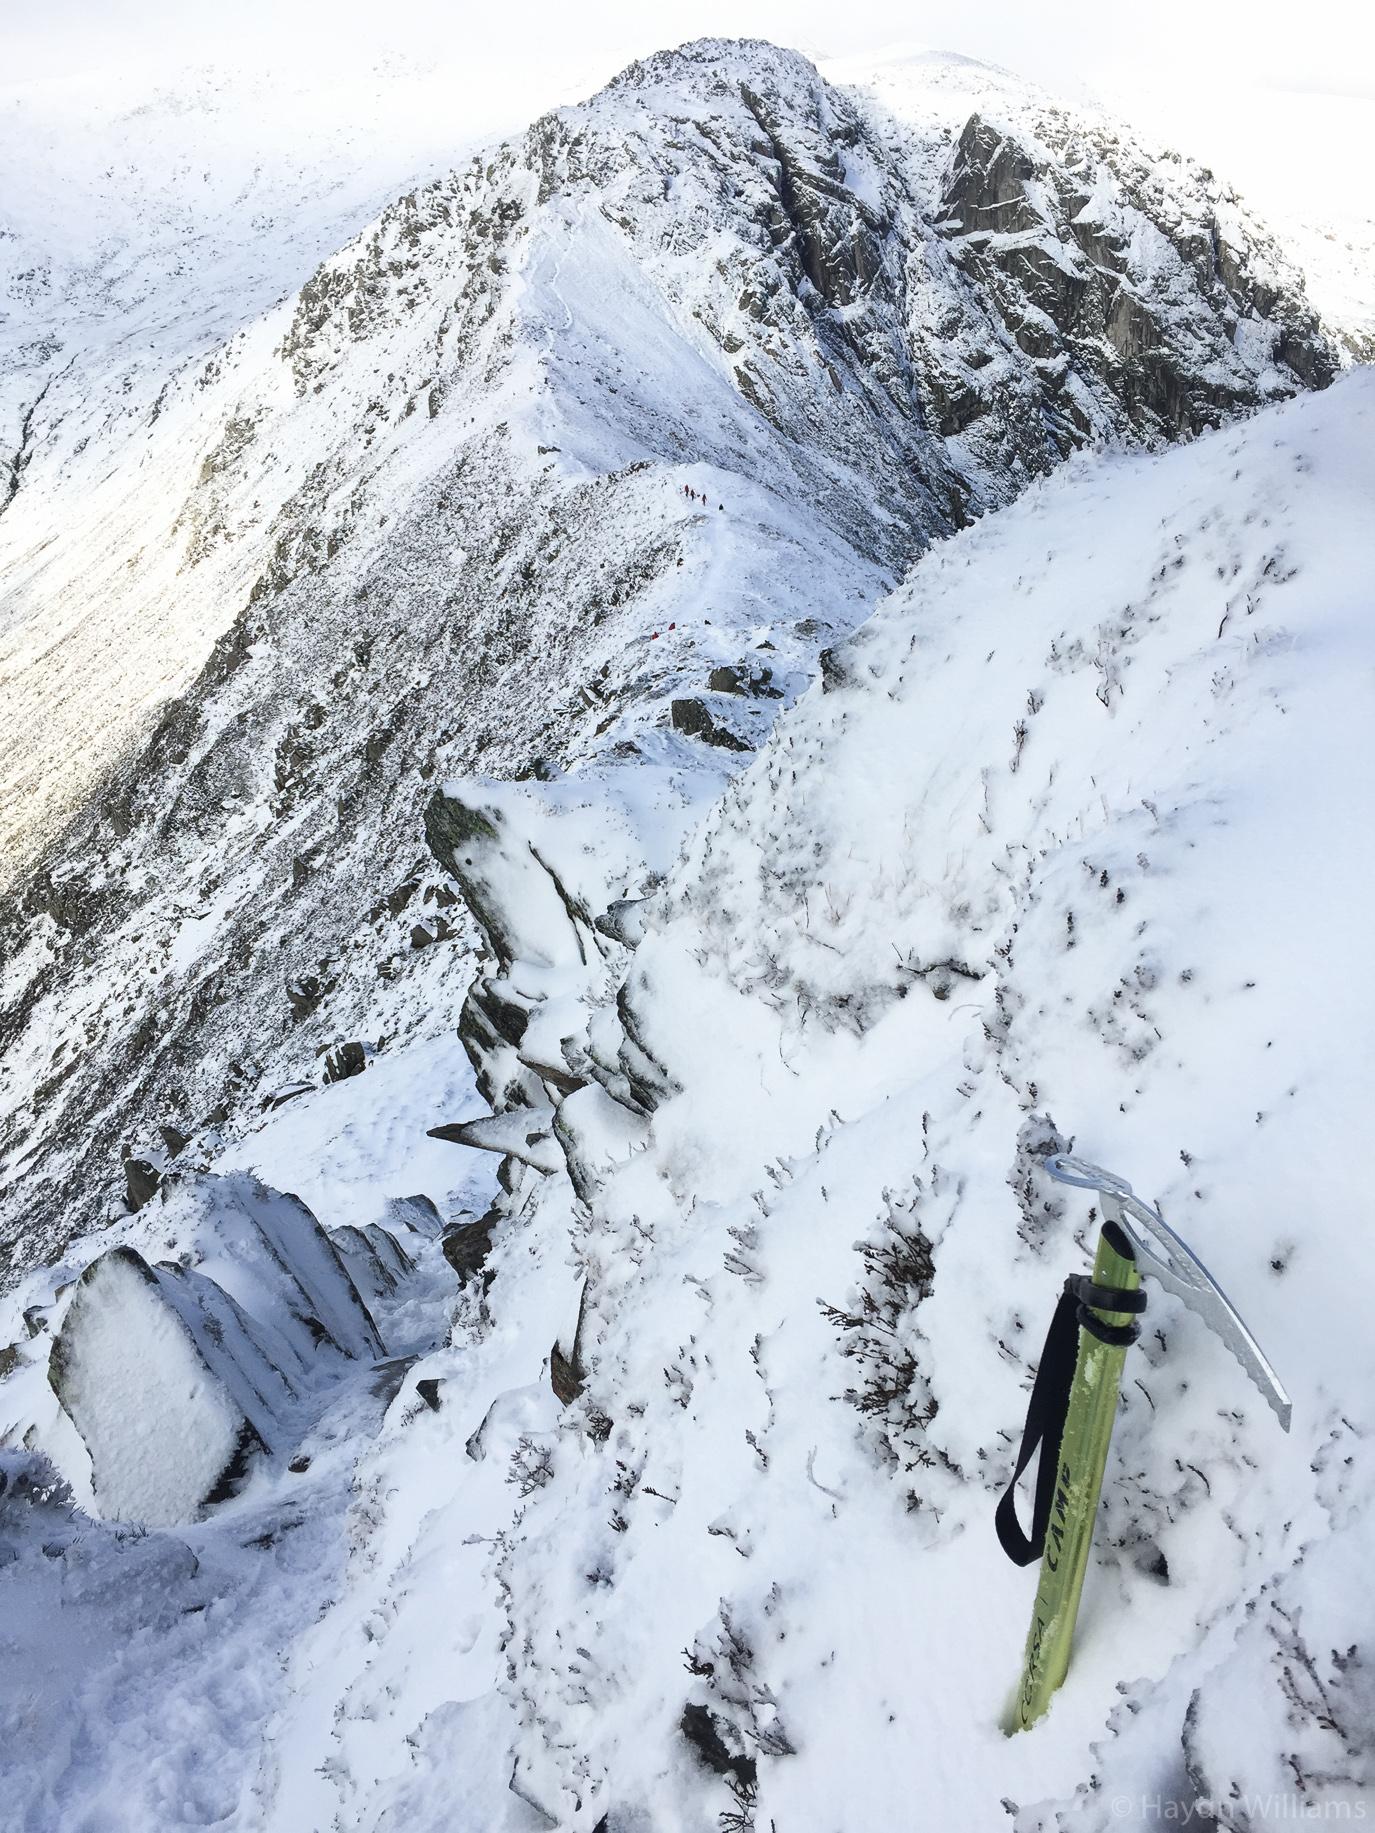 The route ahead - Bwlch yr Eryl Farchog in winter garb. © Haydn Williams